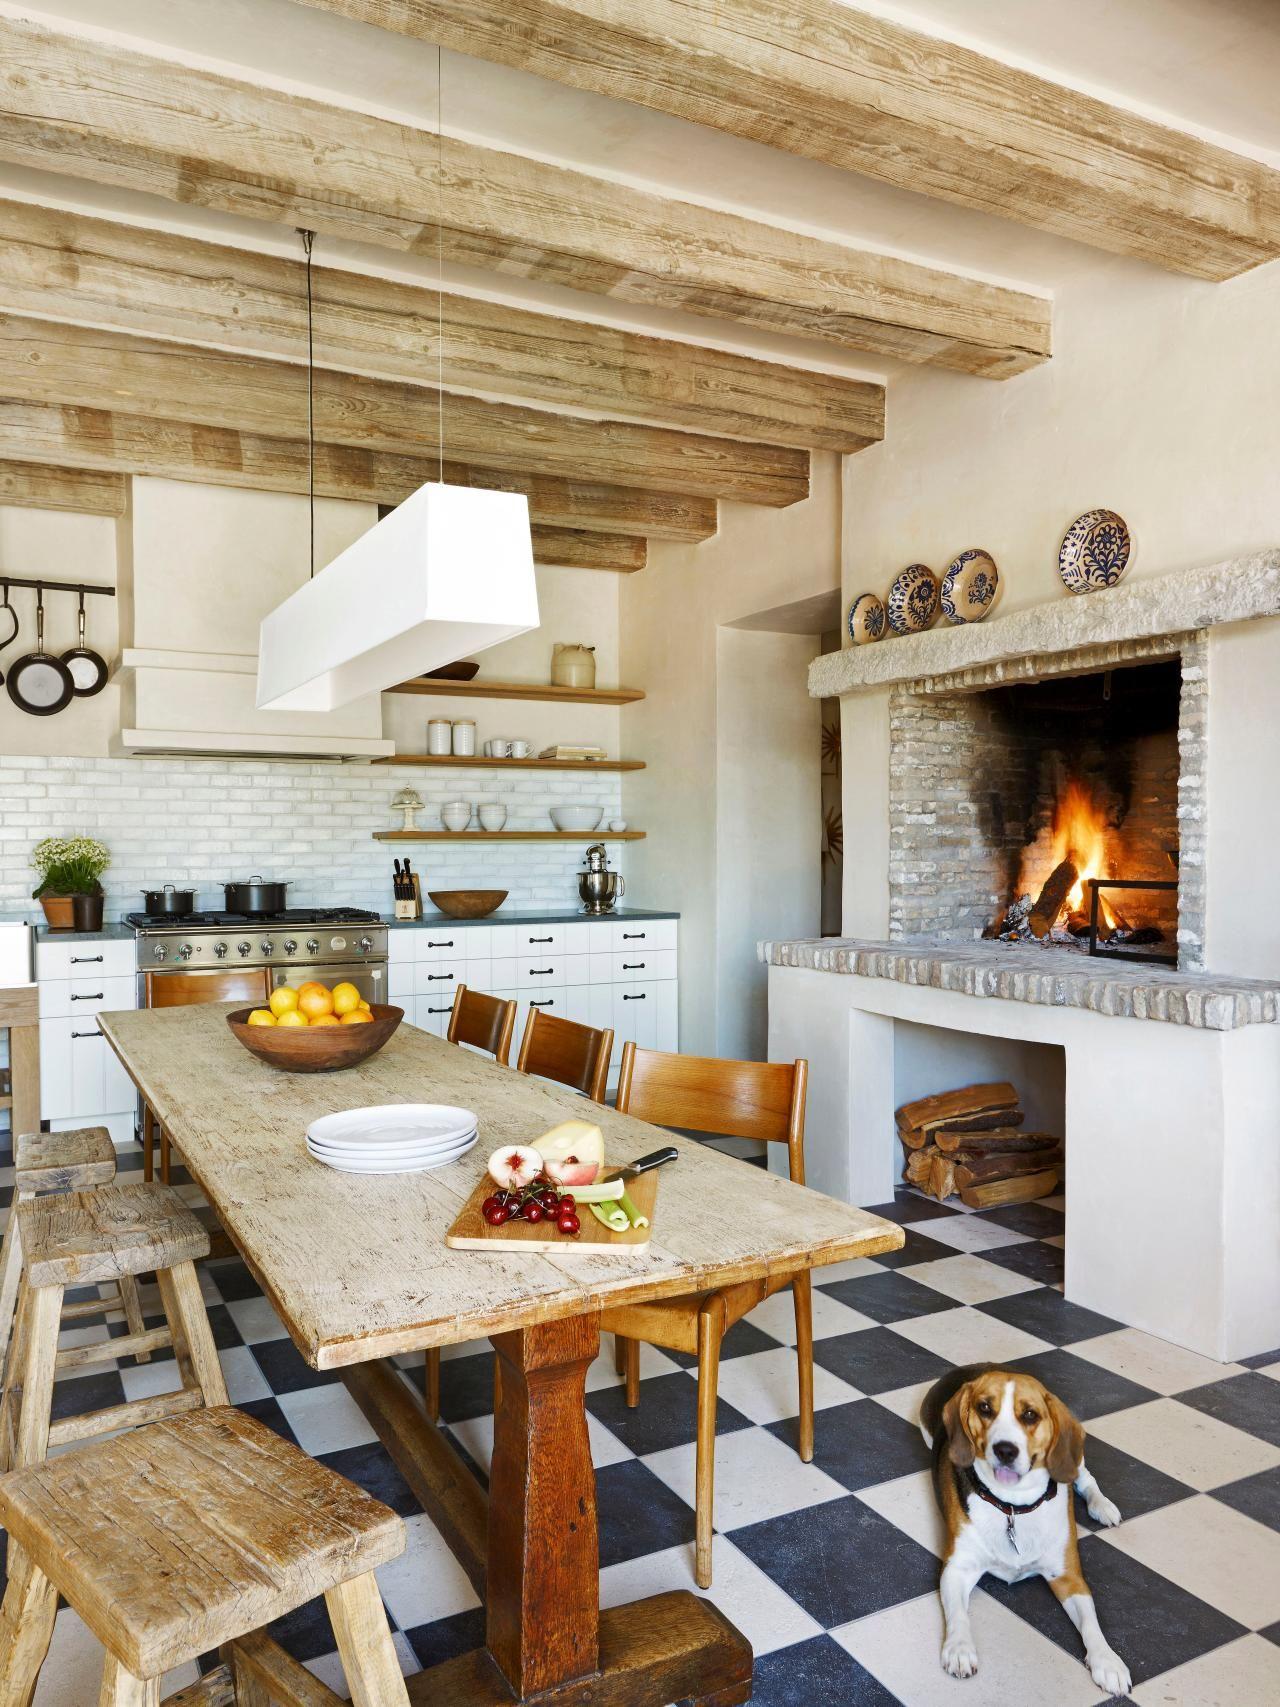 Neueste innenarchitektur  hot fireplace designs  cucina  pinterest  haus zuhause und